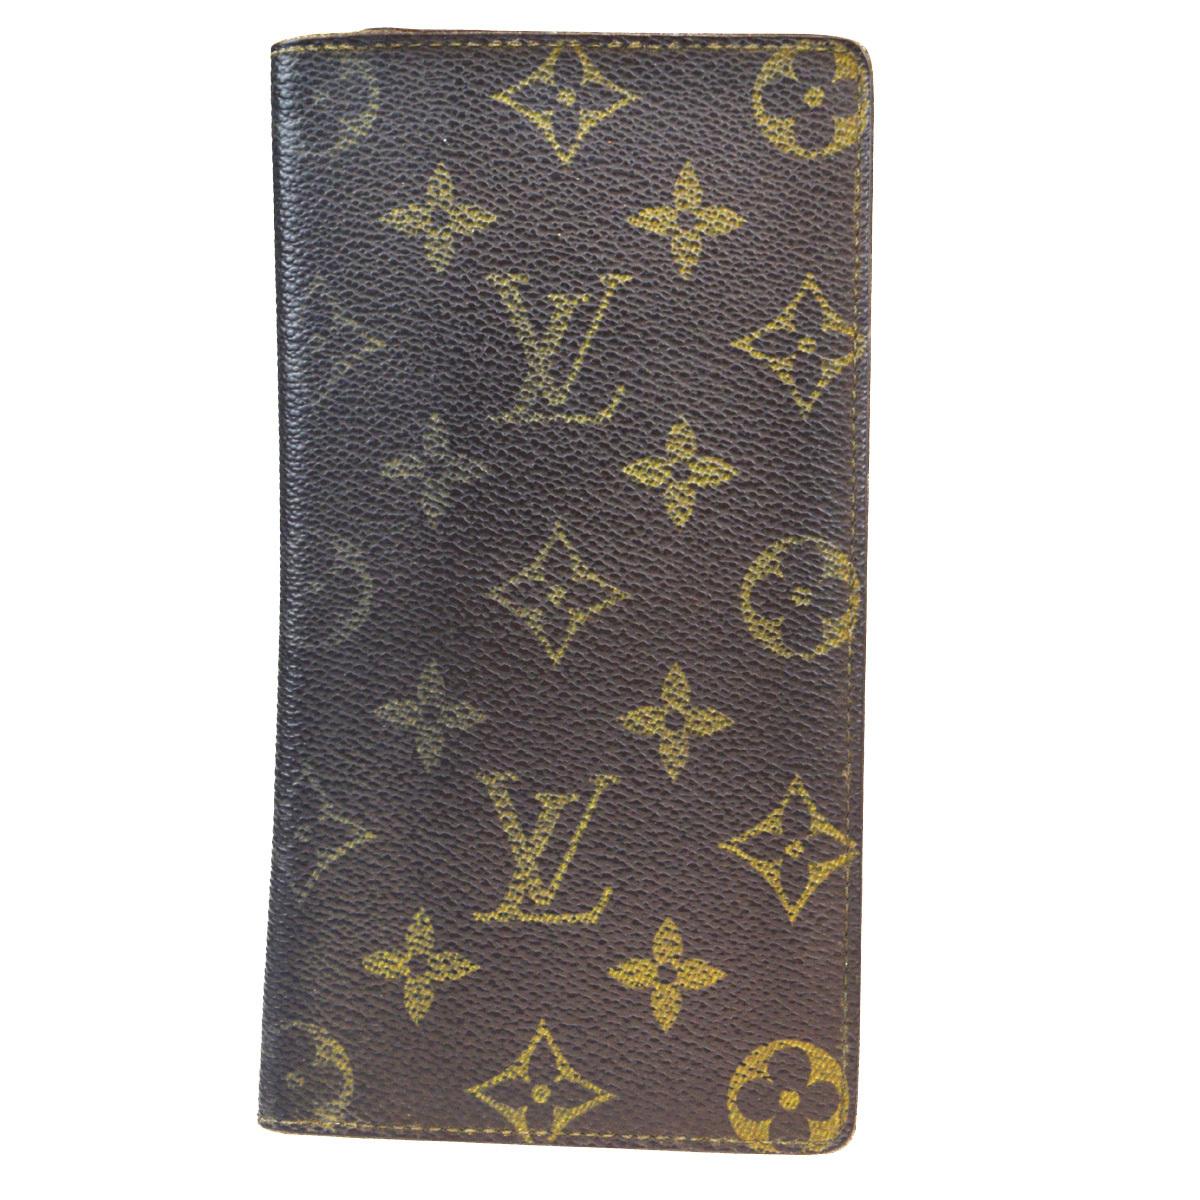 【中古】 ルイ・ヴィトン(Louis Vuitton) モノグラム ポルト カルト クレディ M60825 レザー 長財布(二つ折り) ブラウン 07EB054